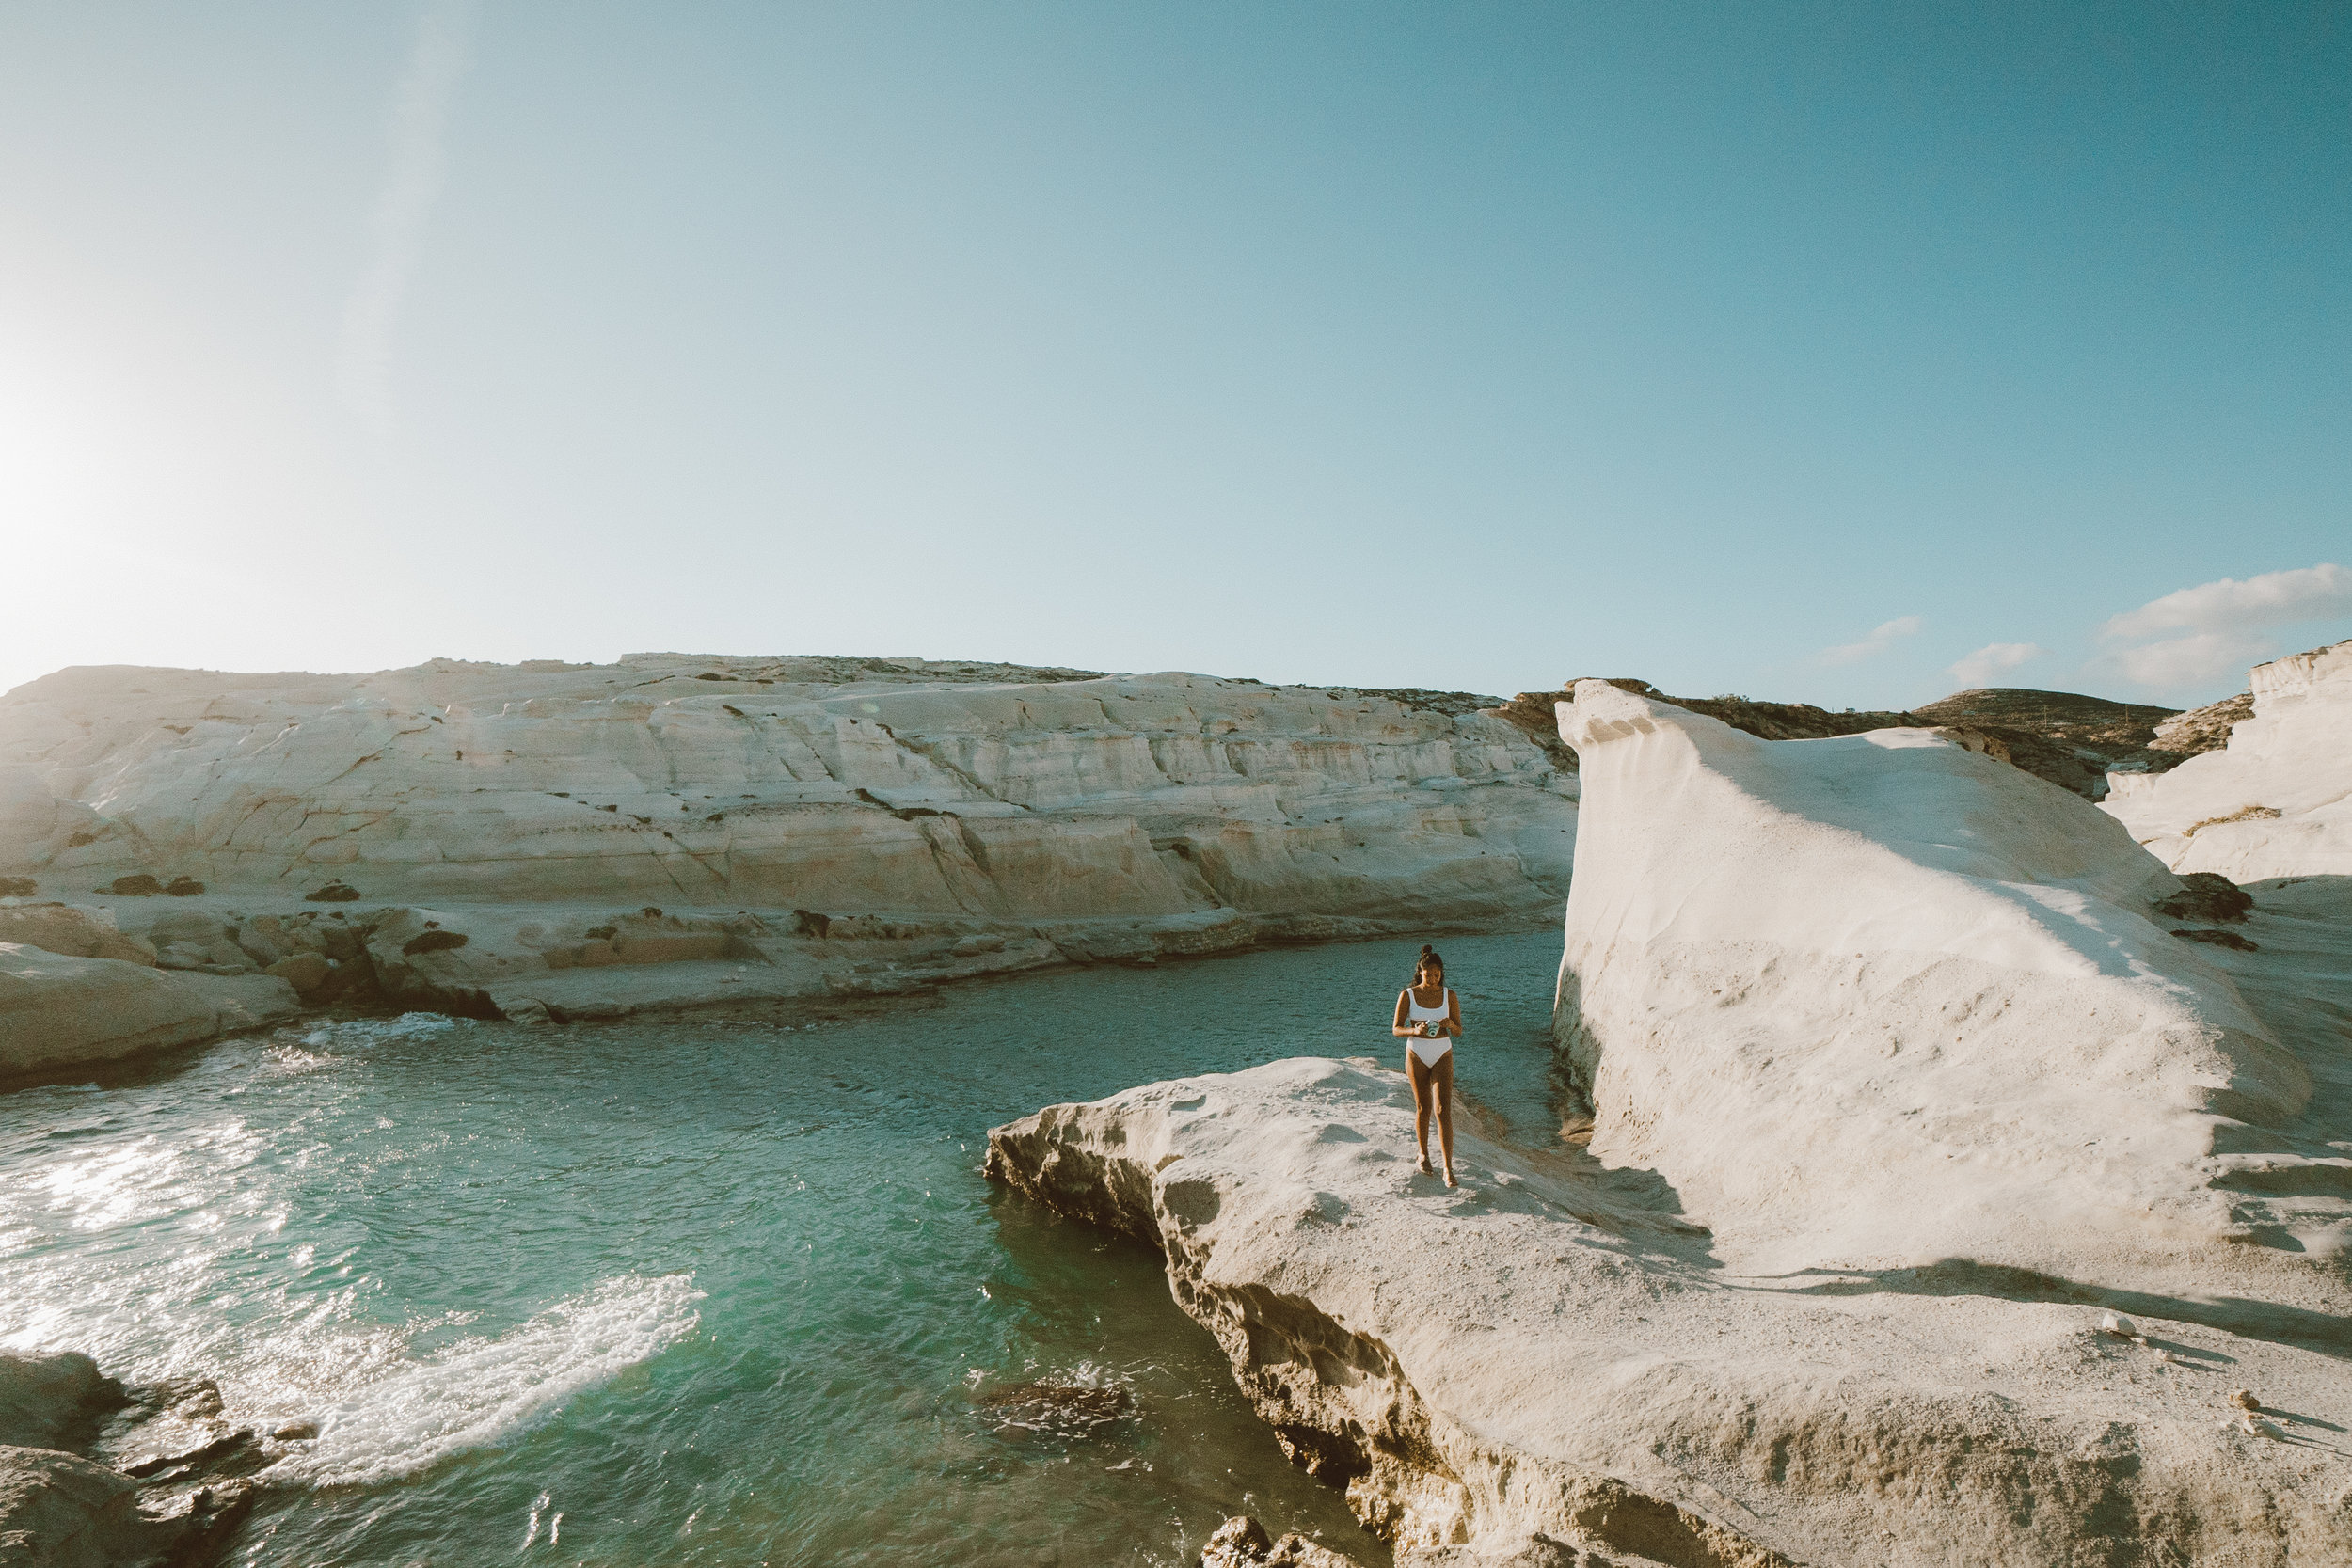 Mel standing on Sarakiniko Beach at sunrise - walking on the moon in Milos, Greece